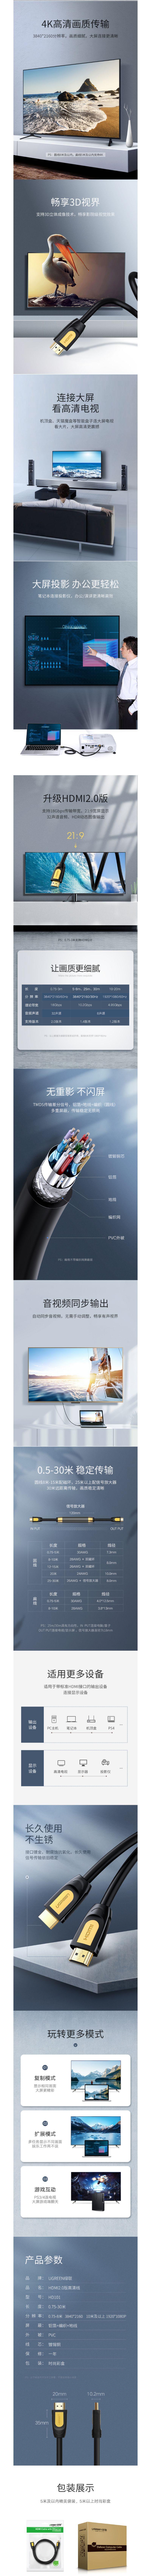 绿联40461 1.5米HDMI连接线 详情页